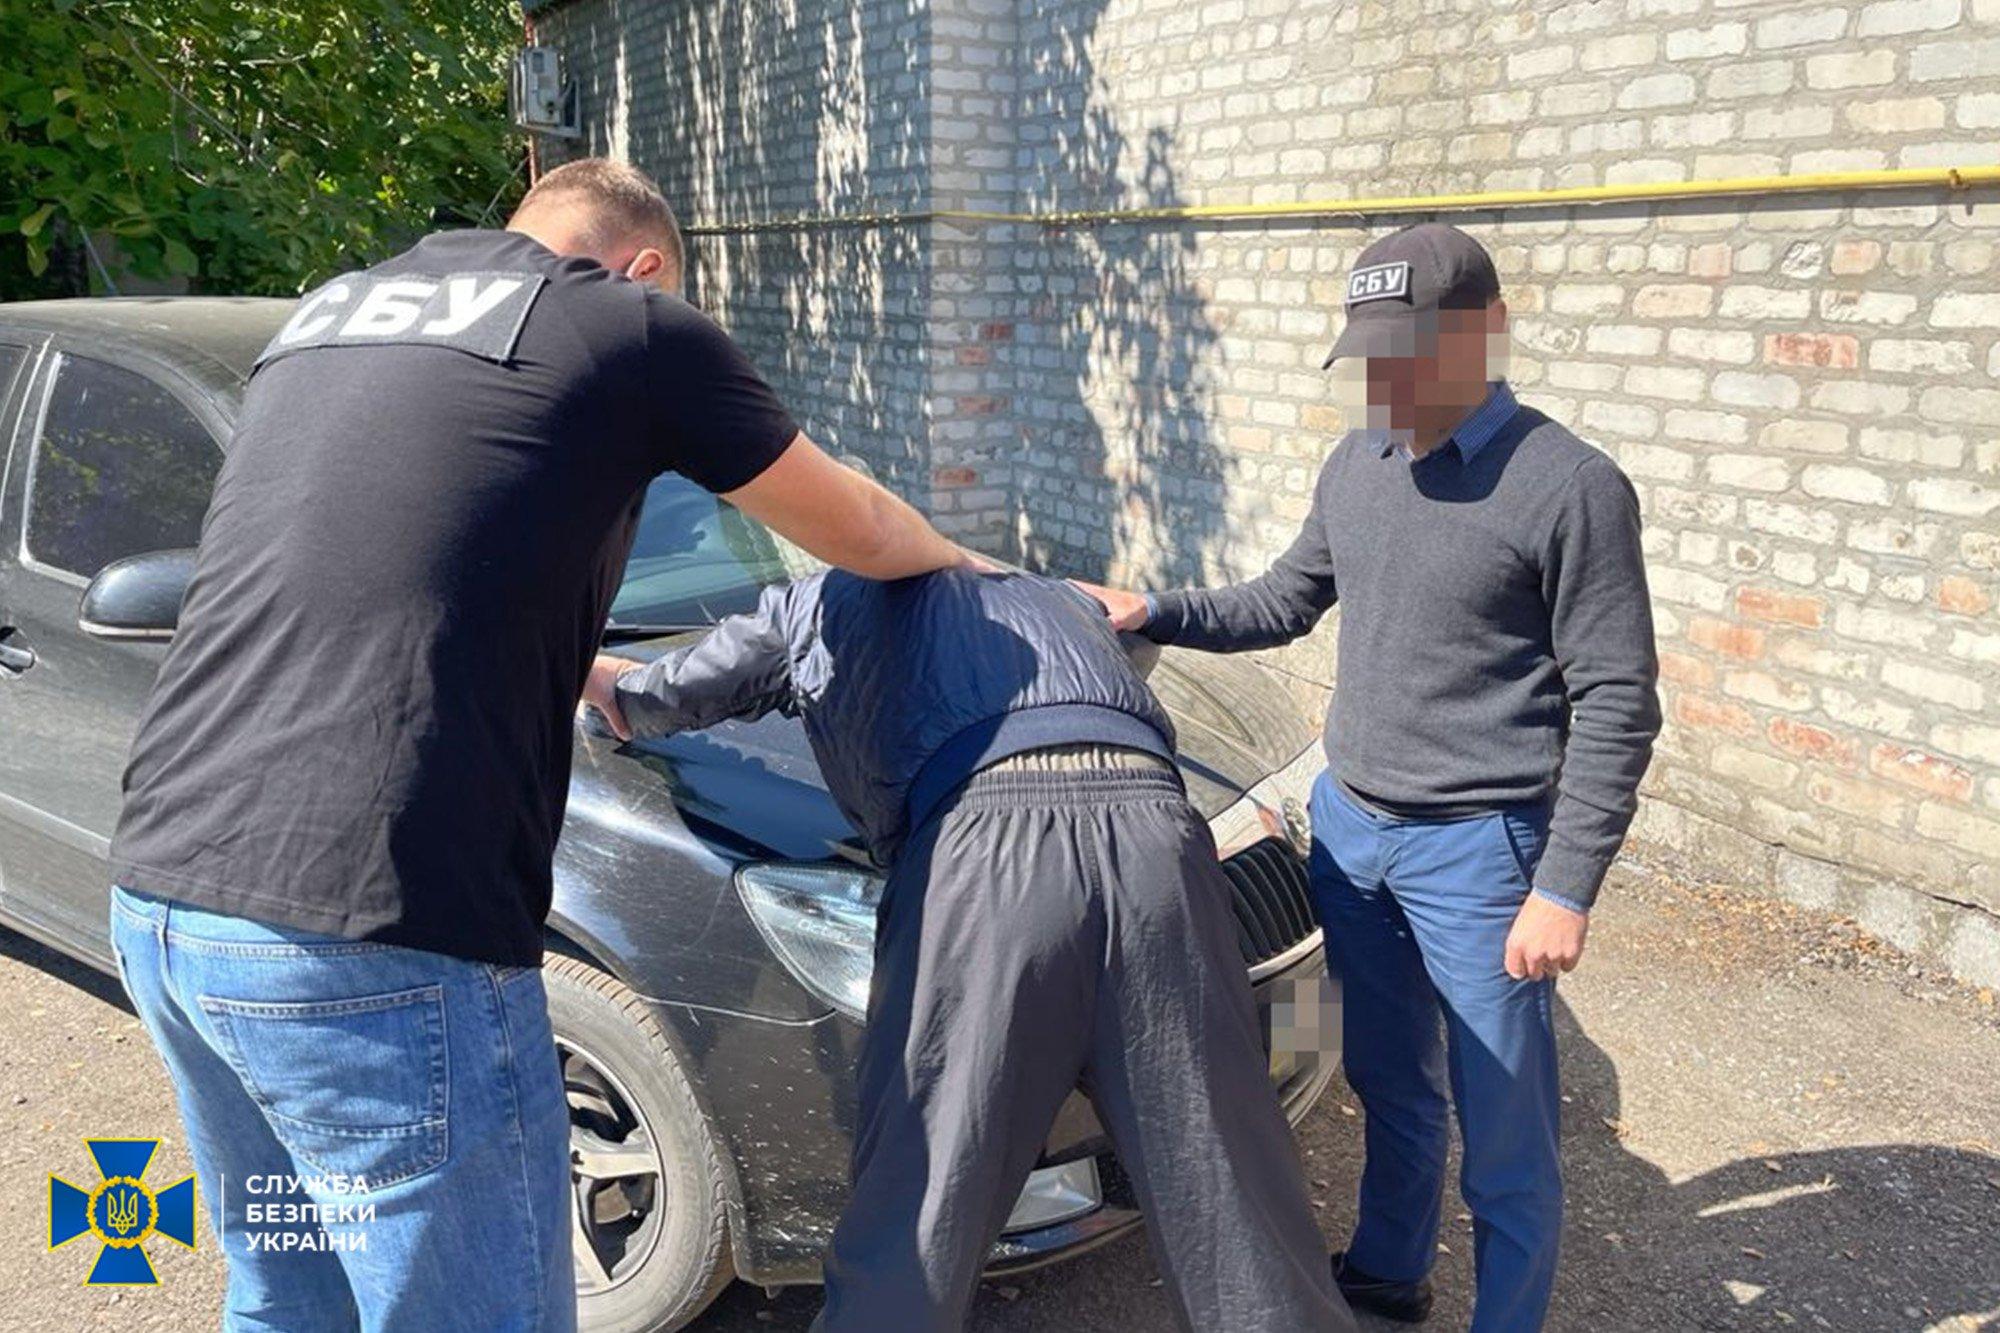 Россия начала вооруженный конфликт против Украины в 2014 году / ssu.gov.ua